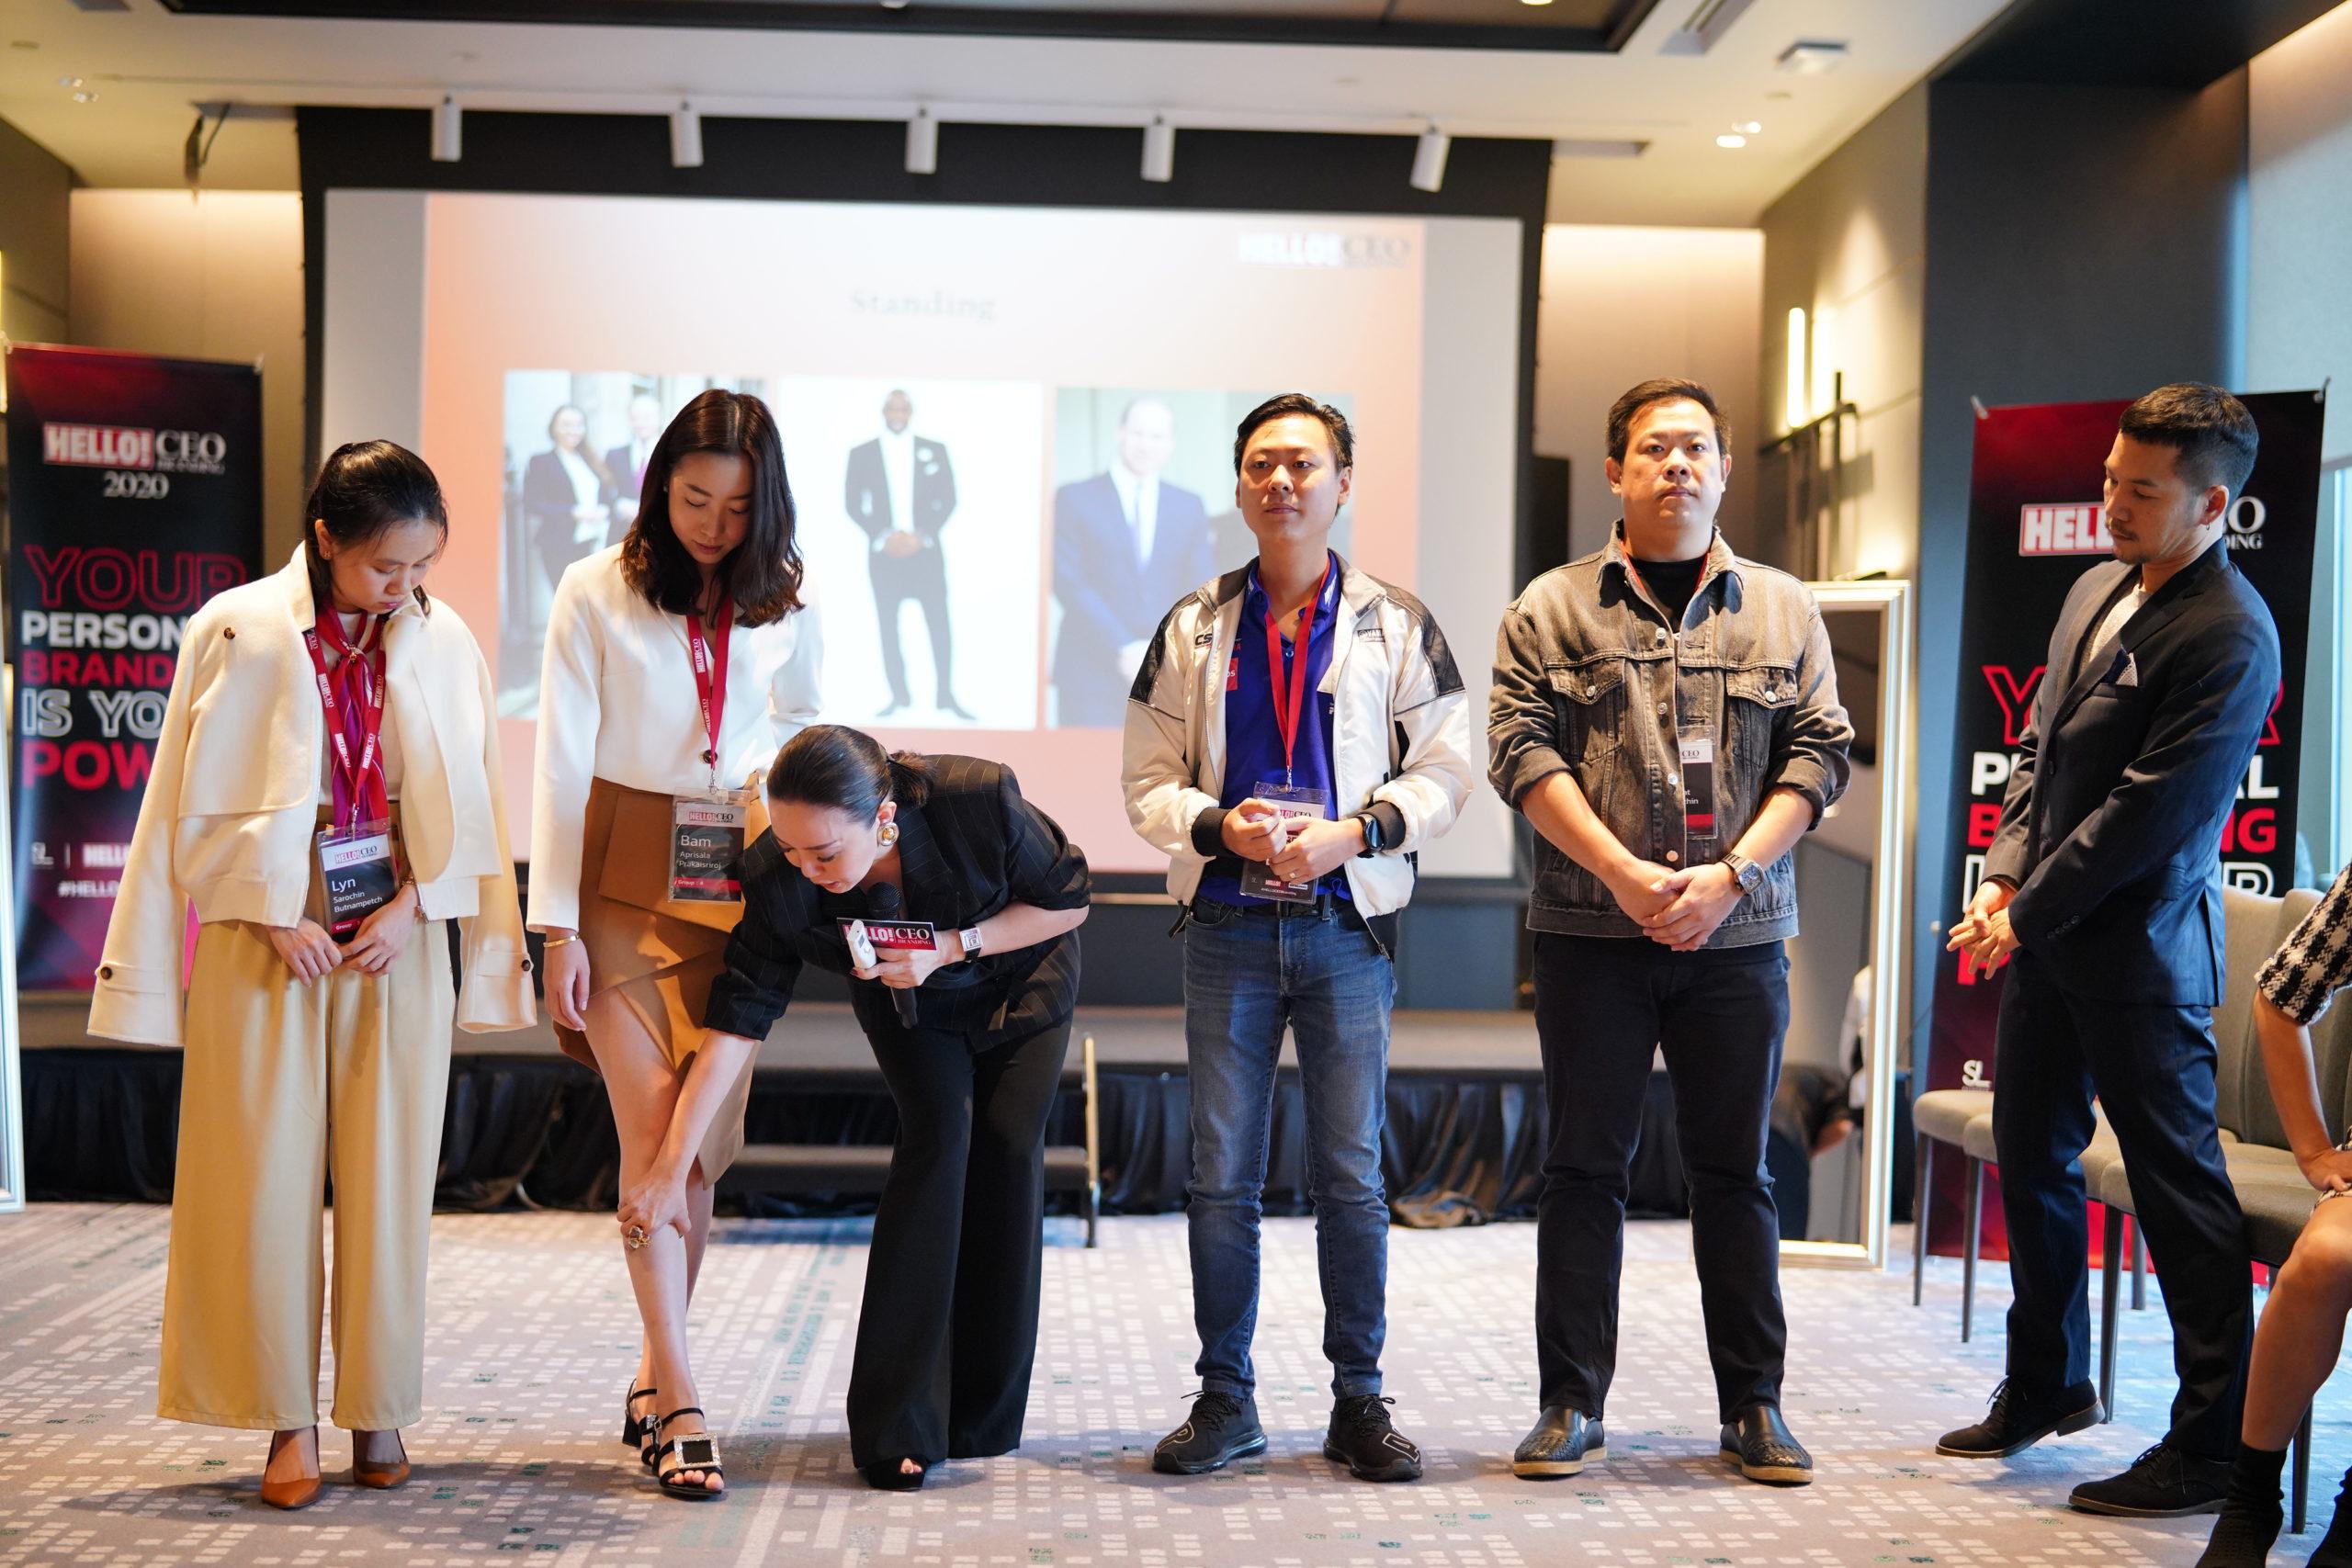 Hello! CEO branding - คุณจอม-มนุญสินี ฟูตระกูล กำลังอธิบายวิธีการโพสท่าถ่ายรูปเวลาออกงาน